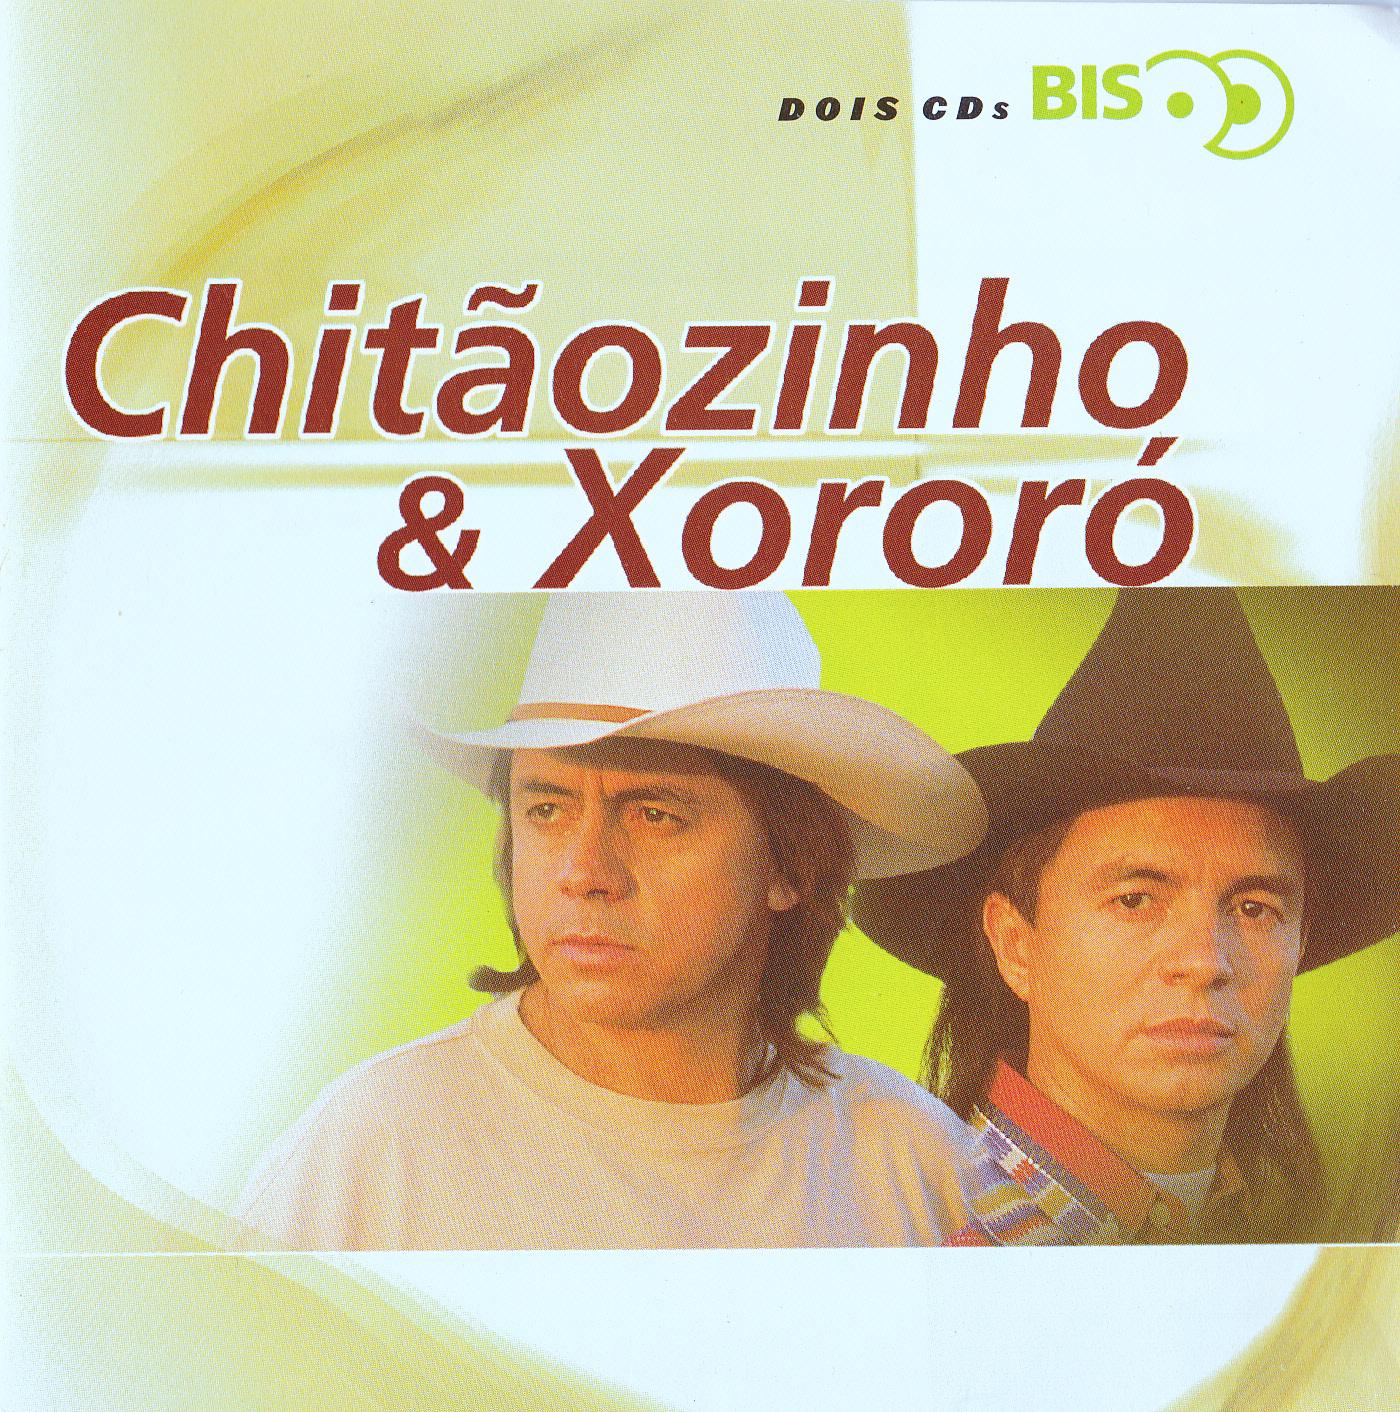 RAIZES E XORORO SERTANEJAS CD CHITAOZINHO BAIXAR